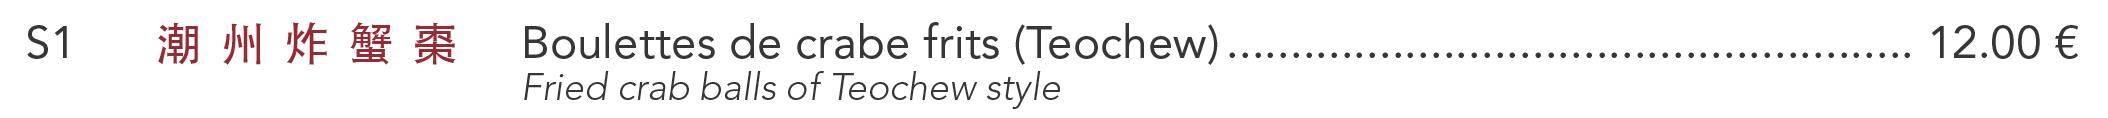 S1 - Boulettes de crabe frits (Teochew)